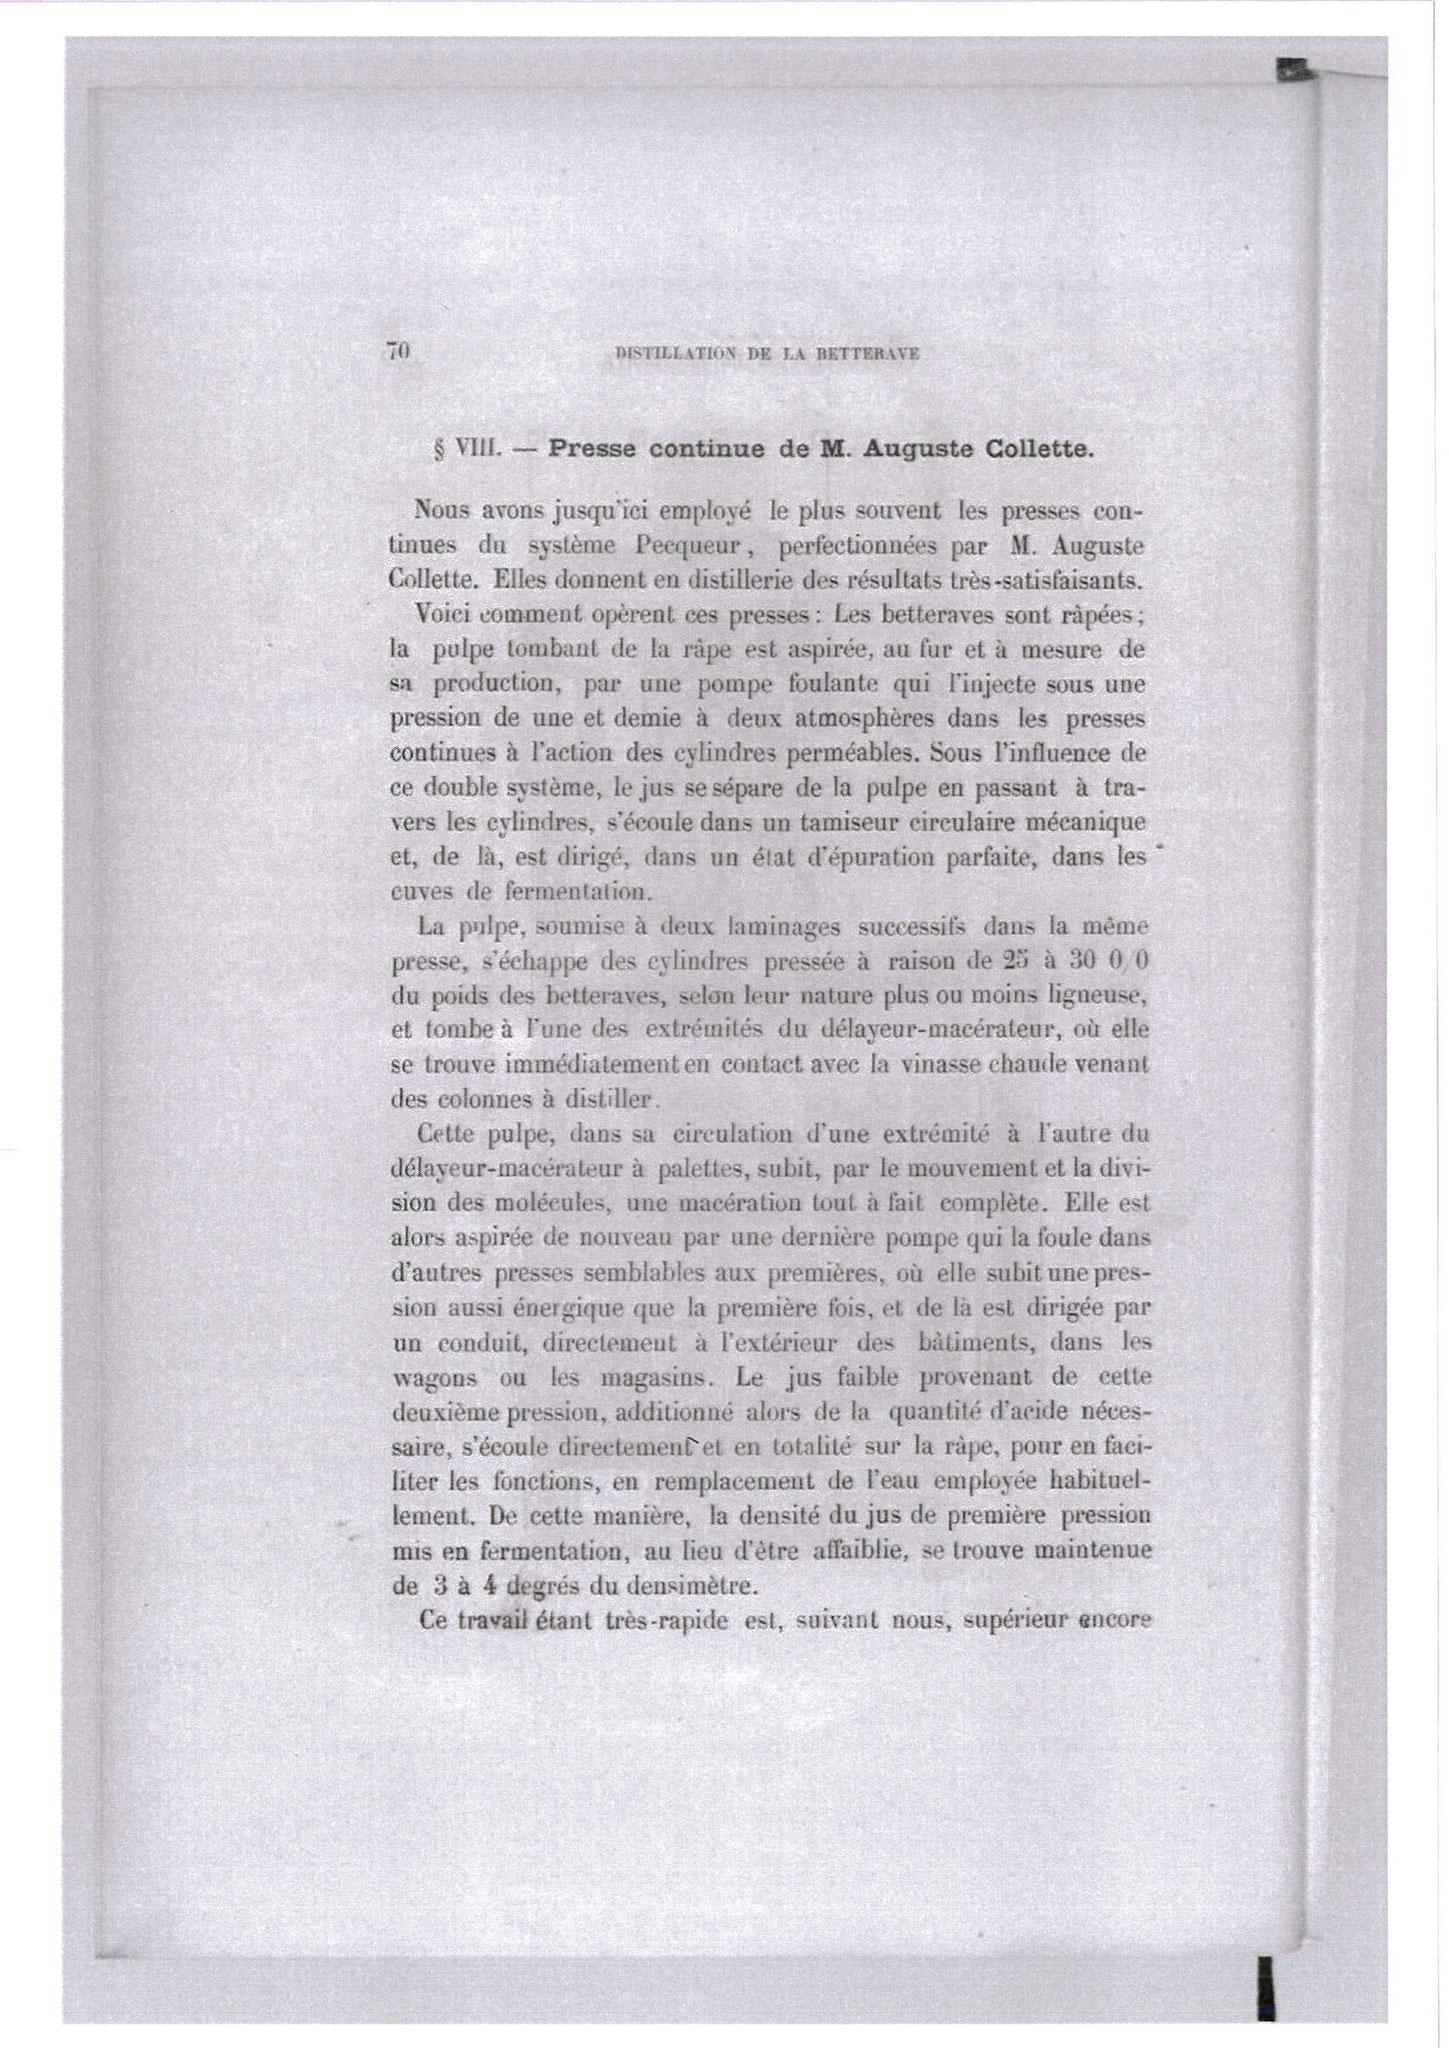 Extrait de D. Savalle - Progrès récent de la distillation (1873)